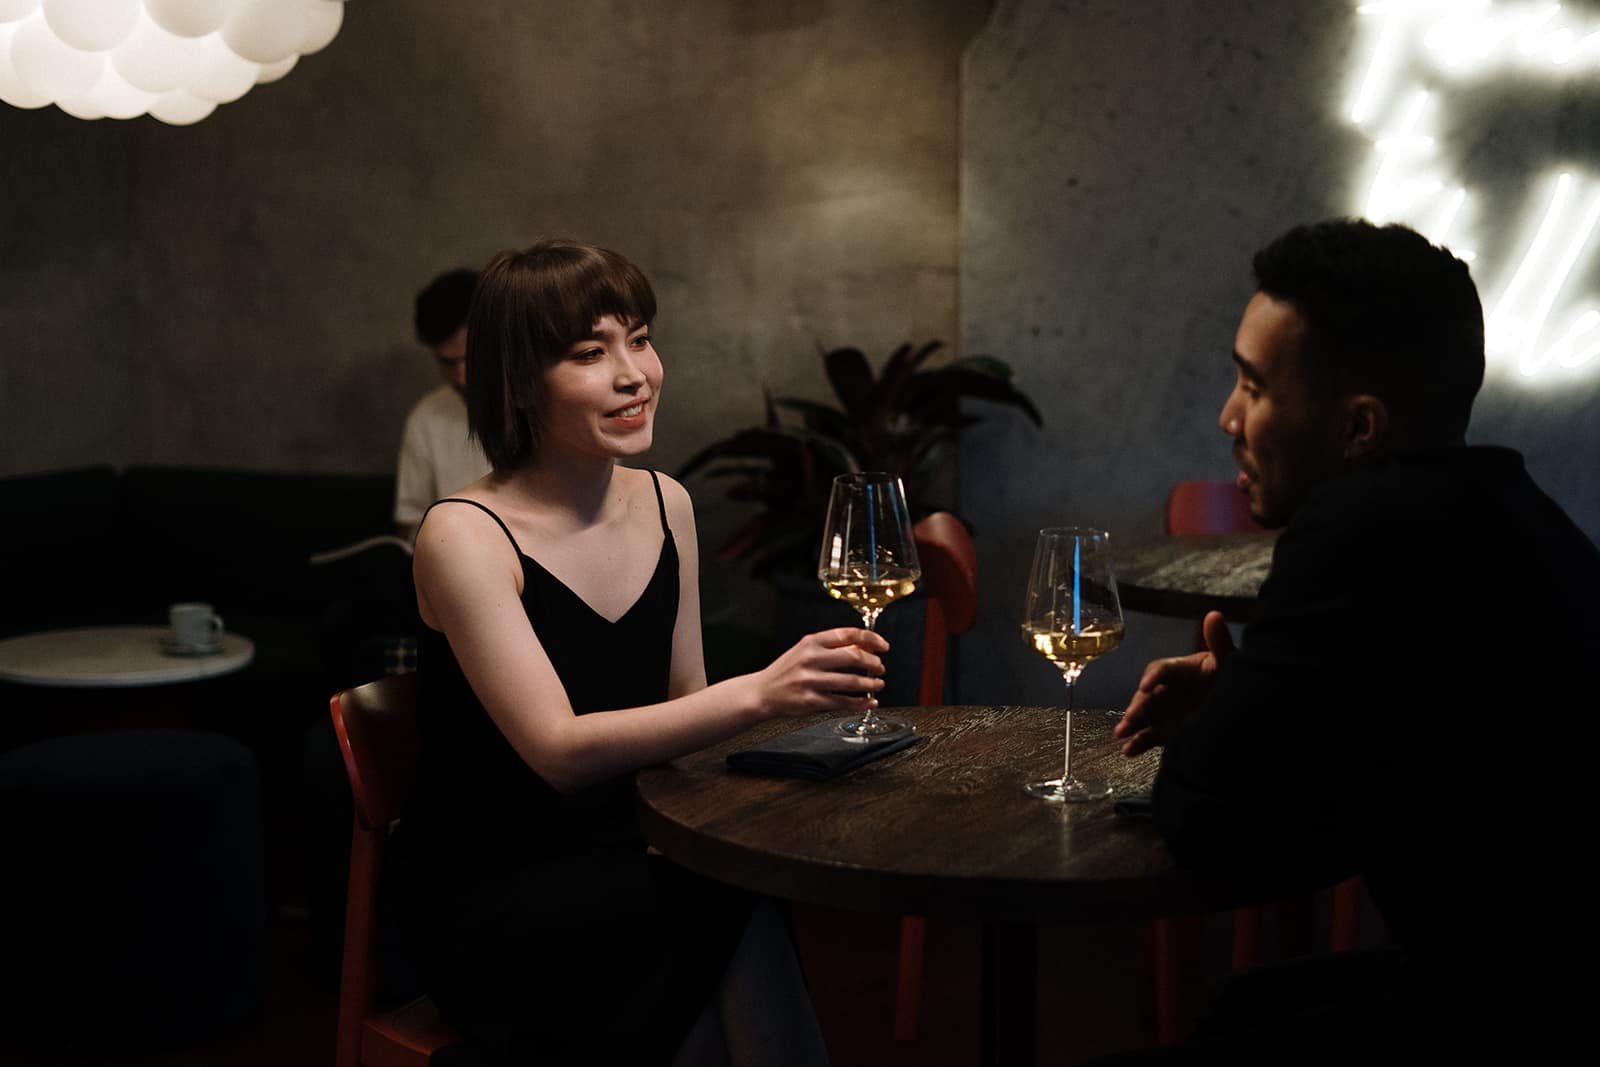 Ein Mann spricht mit einer Frau in einem Restaurant, während er zusammen Wein trinkt